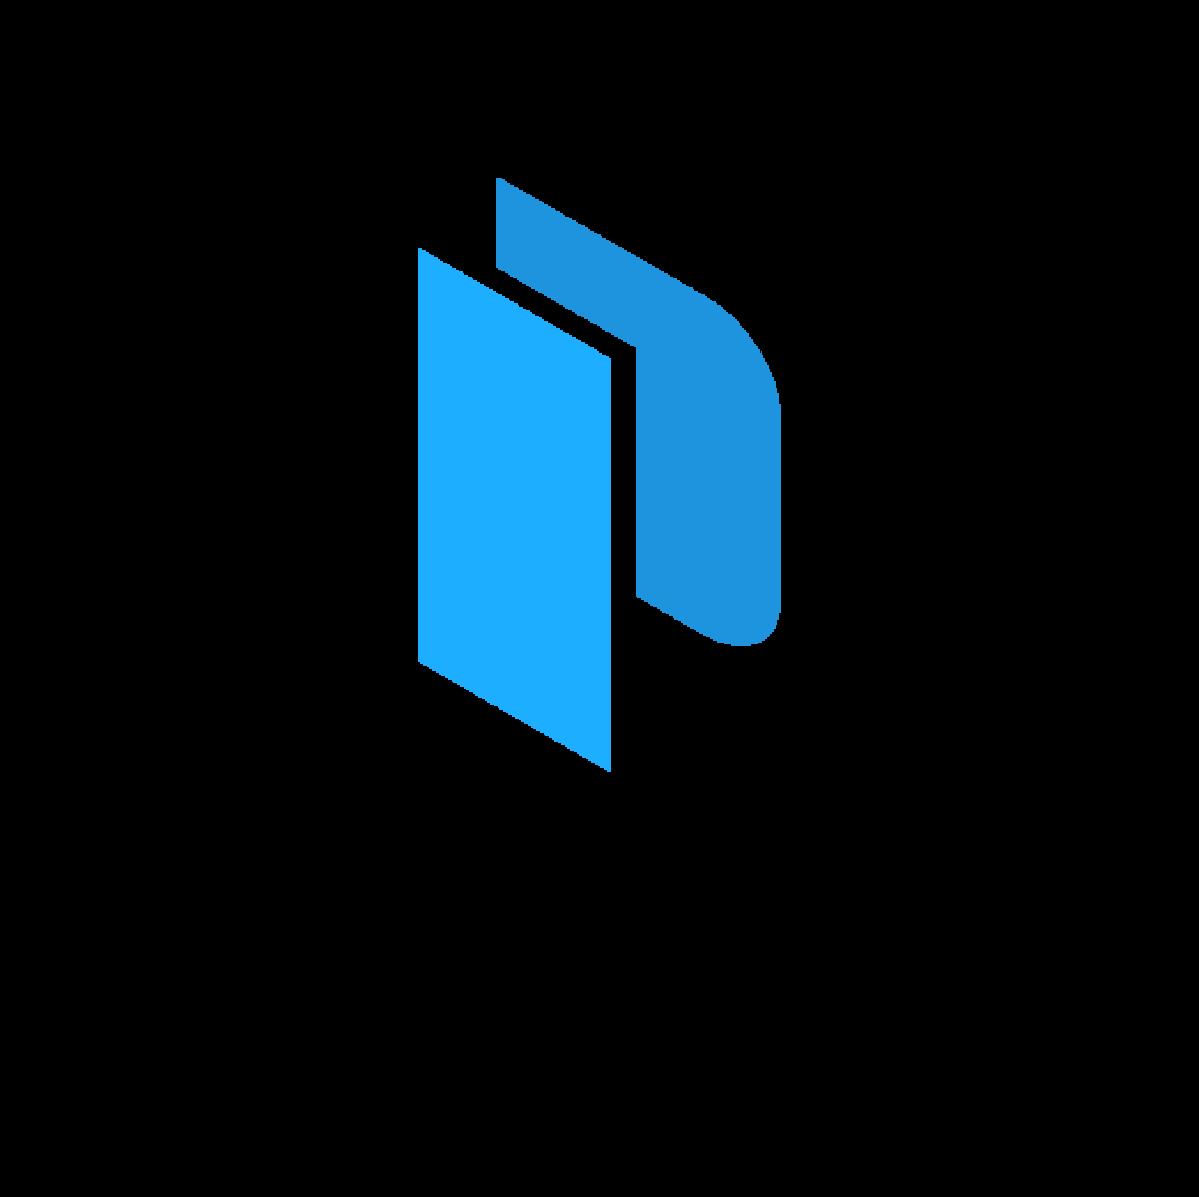 Packer_logo.png